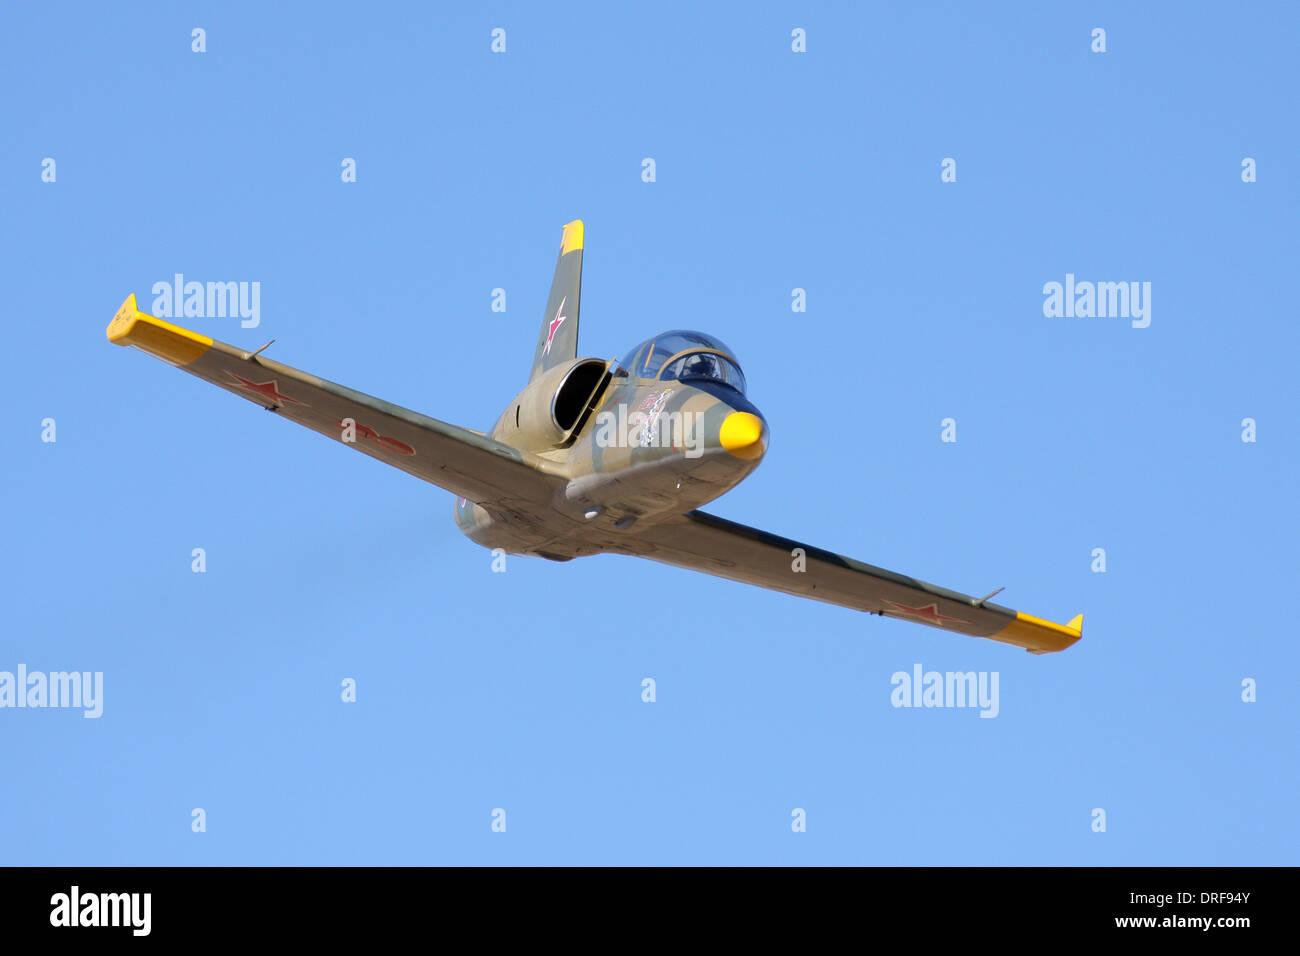 Aero Vodochody L-39 Albatros en vuelo durante una clase de chorro caliente la pista como parte del campeonato nacional 2010 Reno carreras aéreas. Foto de stock